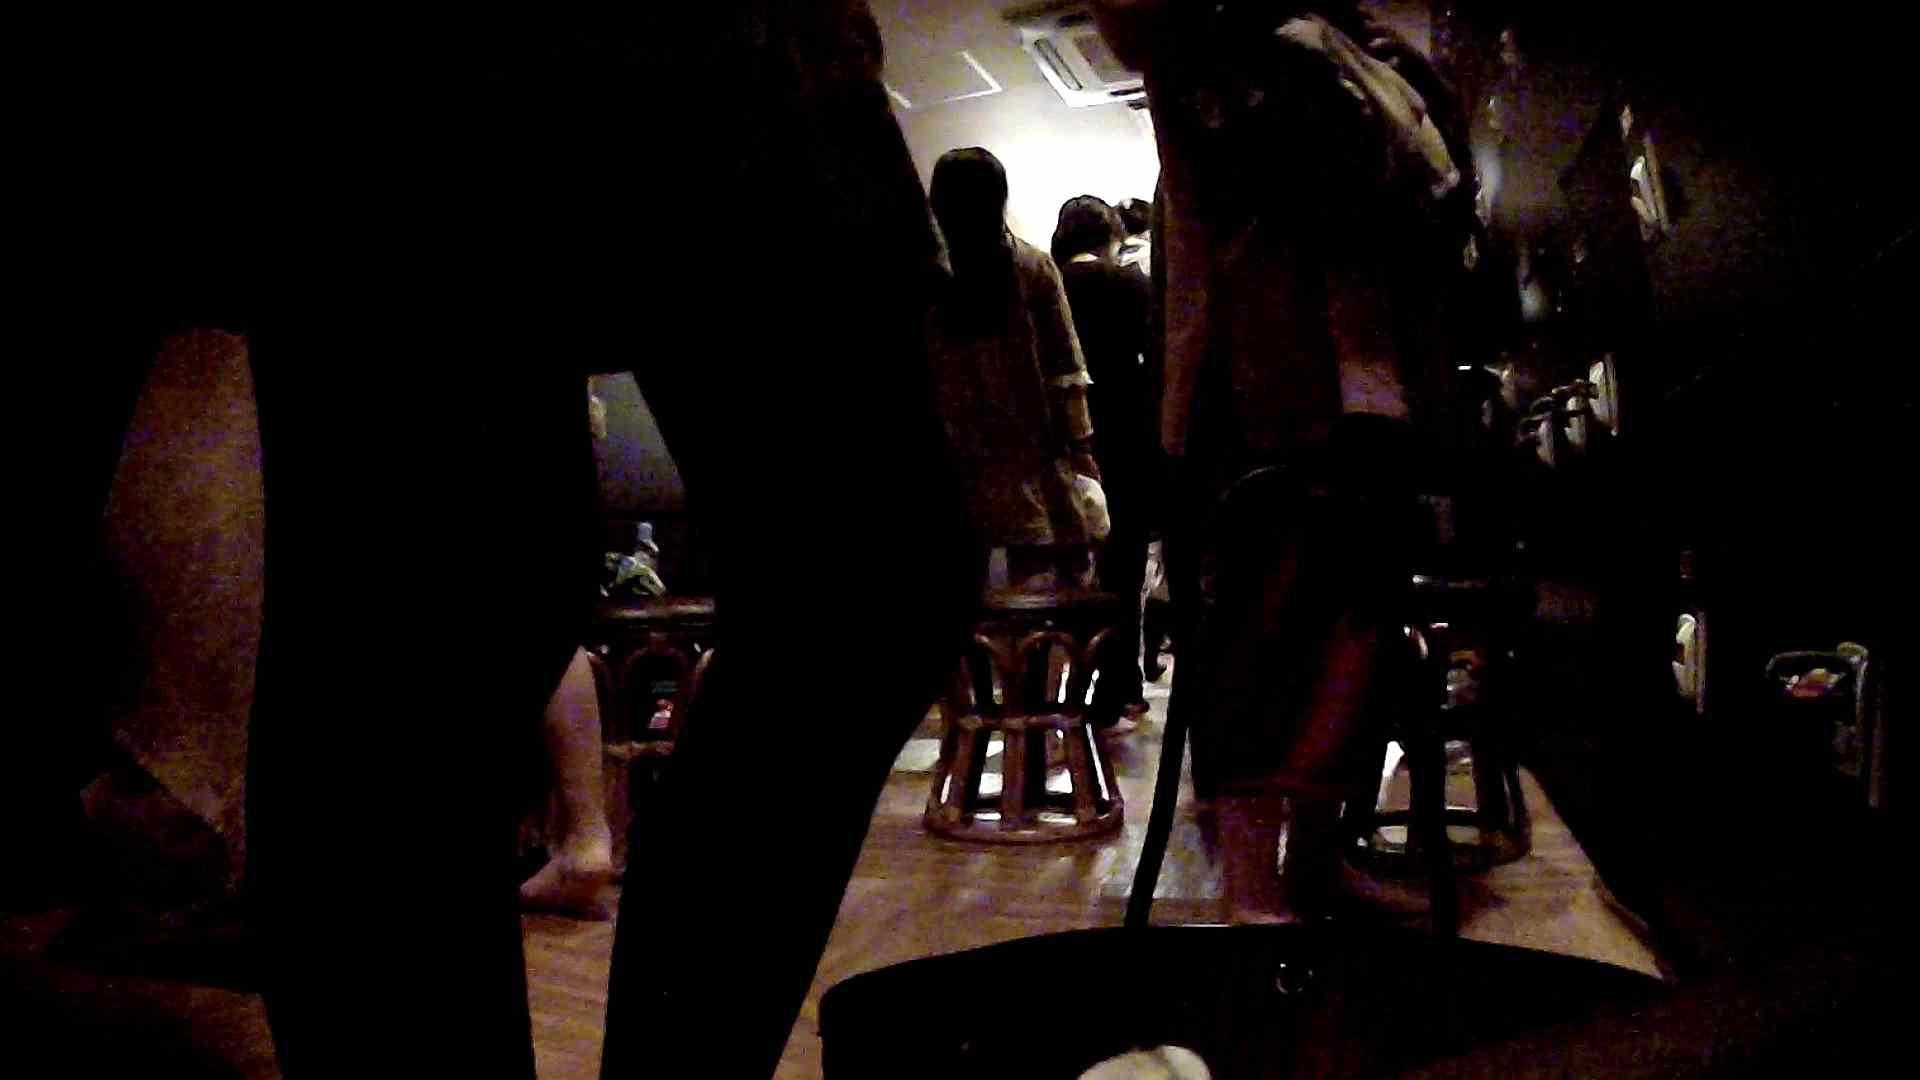 巨乳 乳首:脱衣所!オムニバス 大混雑!注目はあの人の御御足でしょう。:怪盗ジョーカー